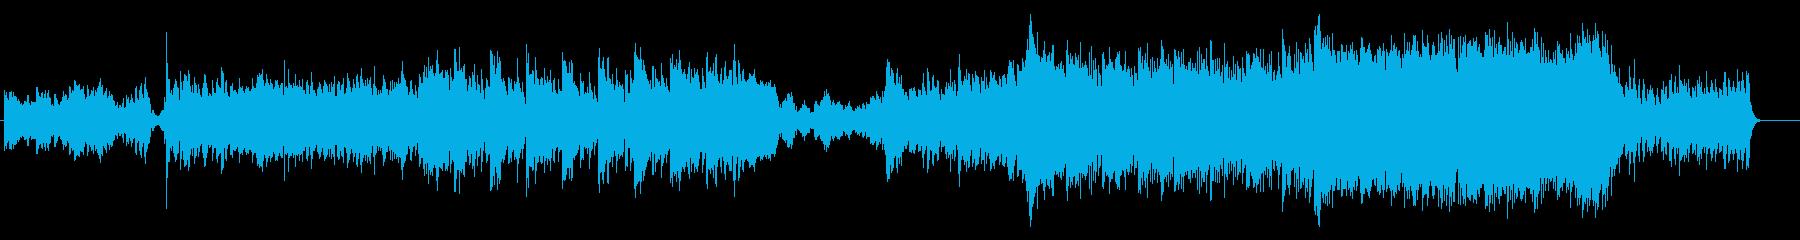 ゆっくりで壮大なバトルミュージックの再生済みの波形